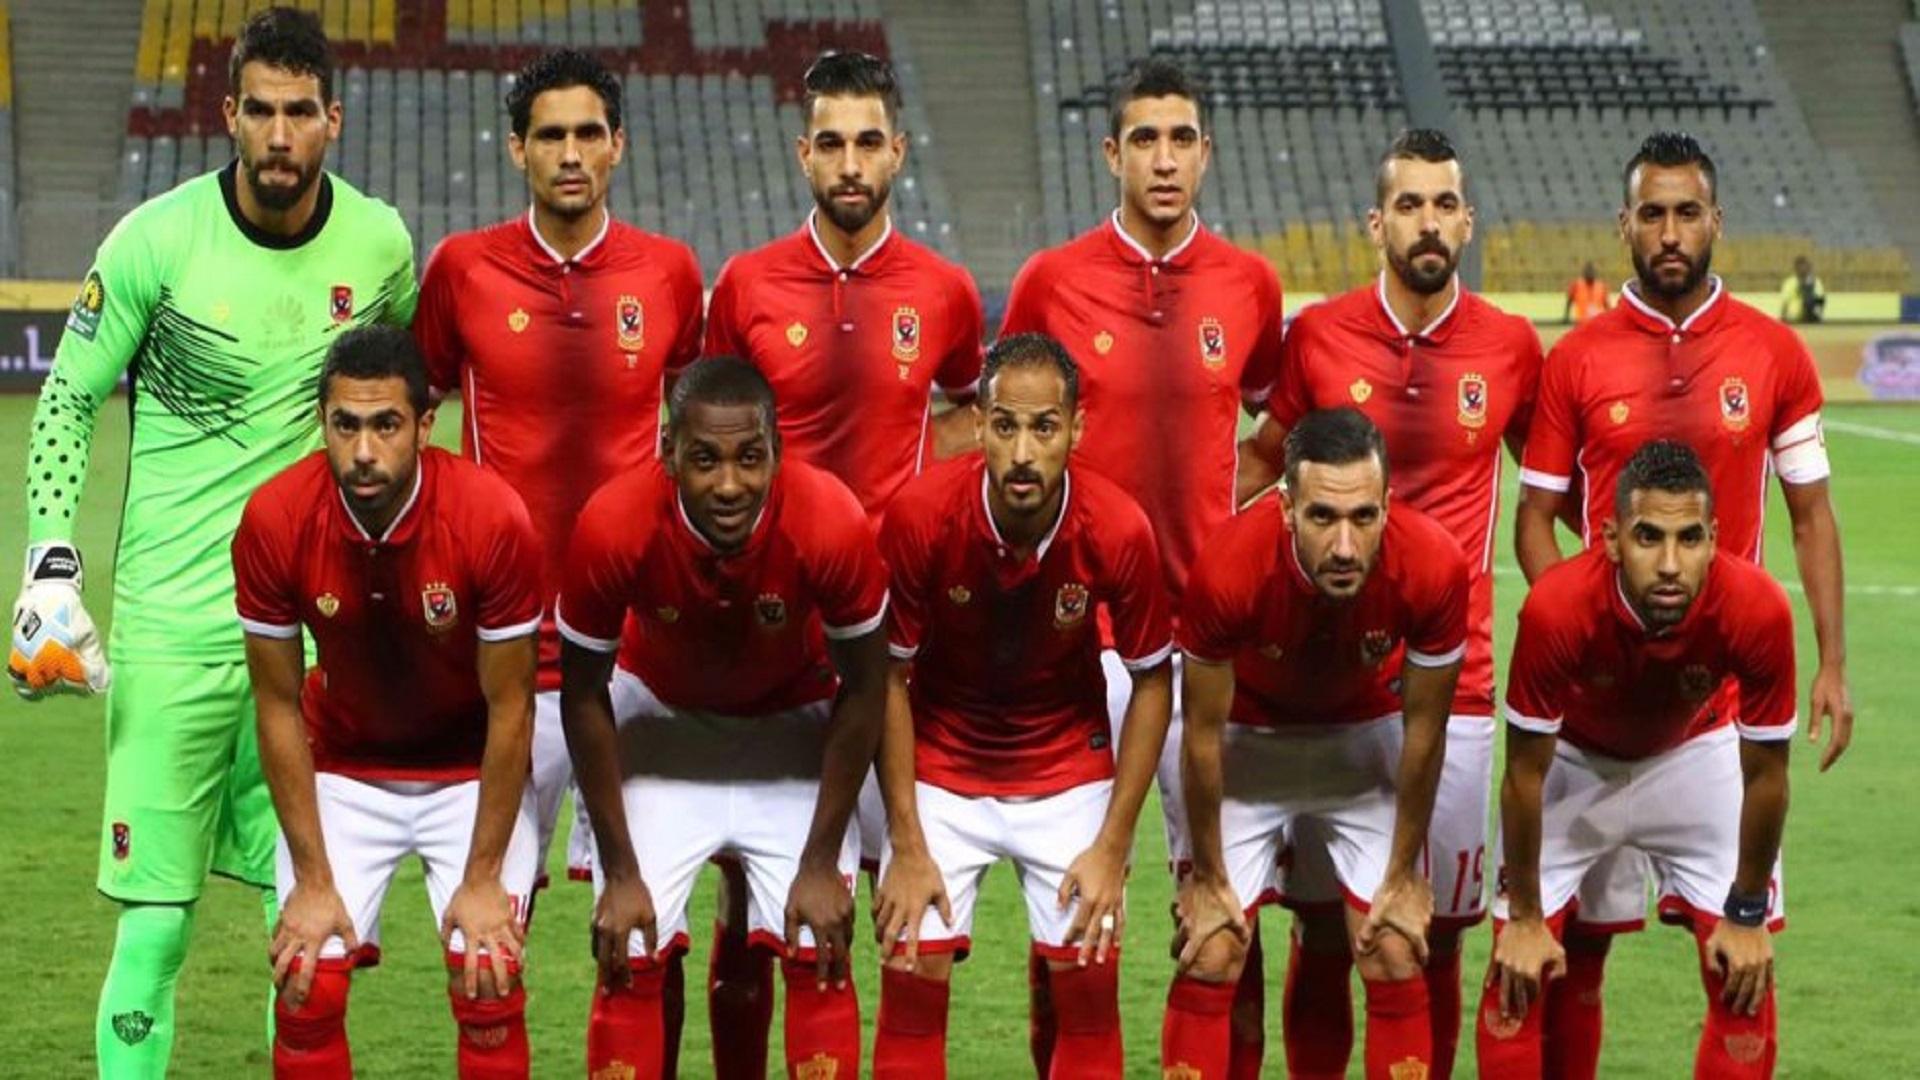 الأهلي مصر دوري أبطال أفريقيا